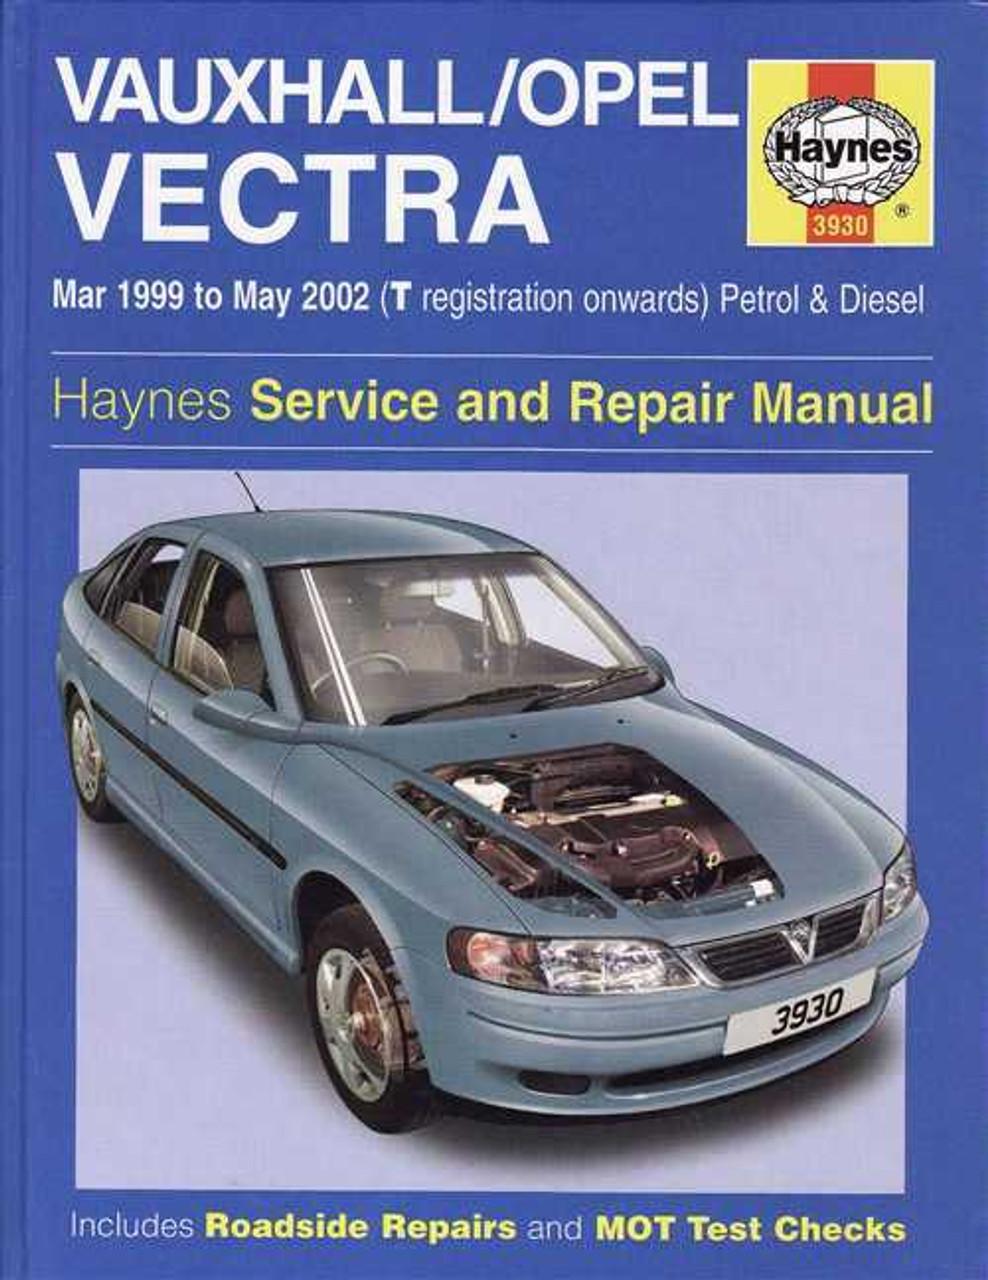 holden vectra vauxhall opel 1999 2002 workshop manual rh automotobookshop com au opel vectra service manual pdf opel vectra b 1997 service manual